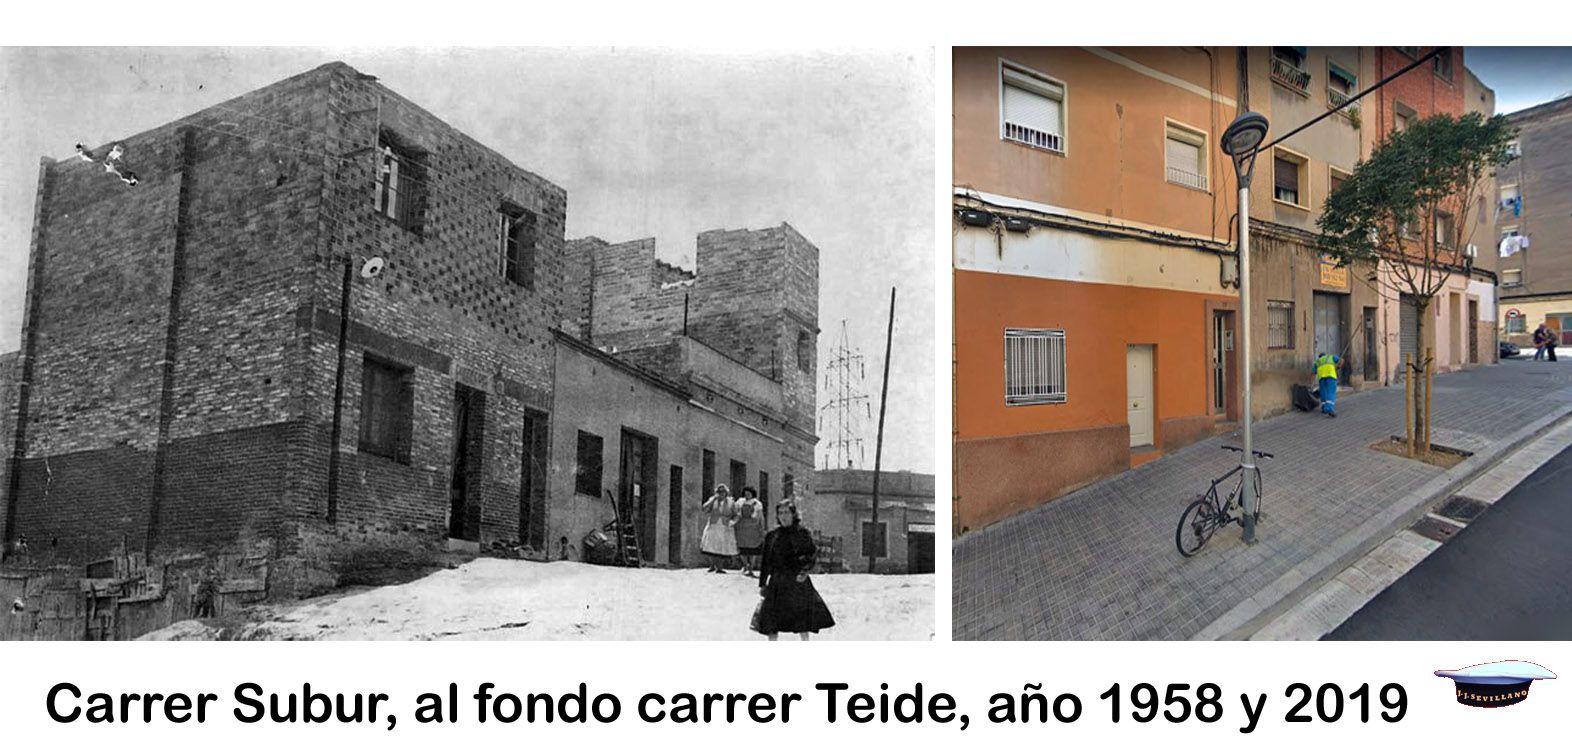 Carrer Subur Al Fondo Carrer Teide Año 1958 Y 2019 Teide Fondo Barcelona